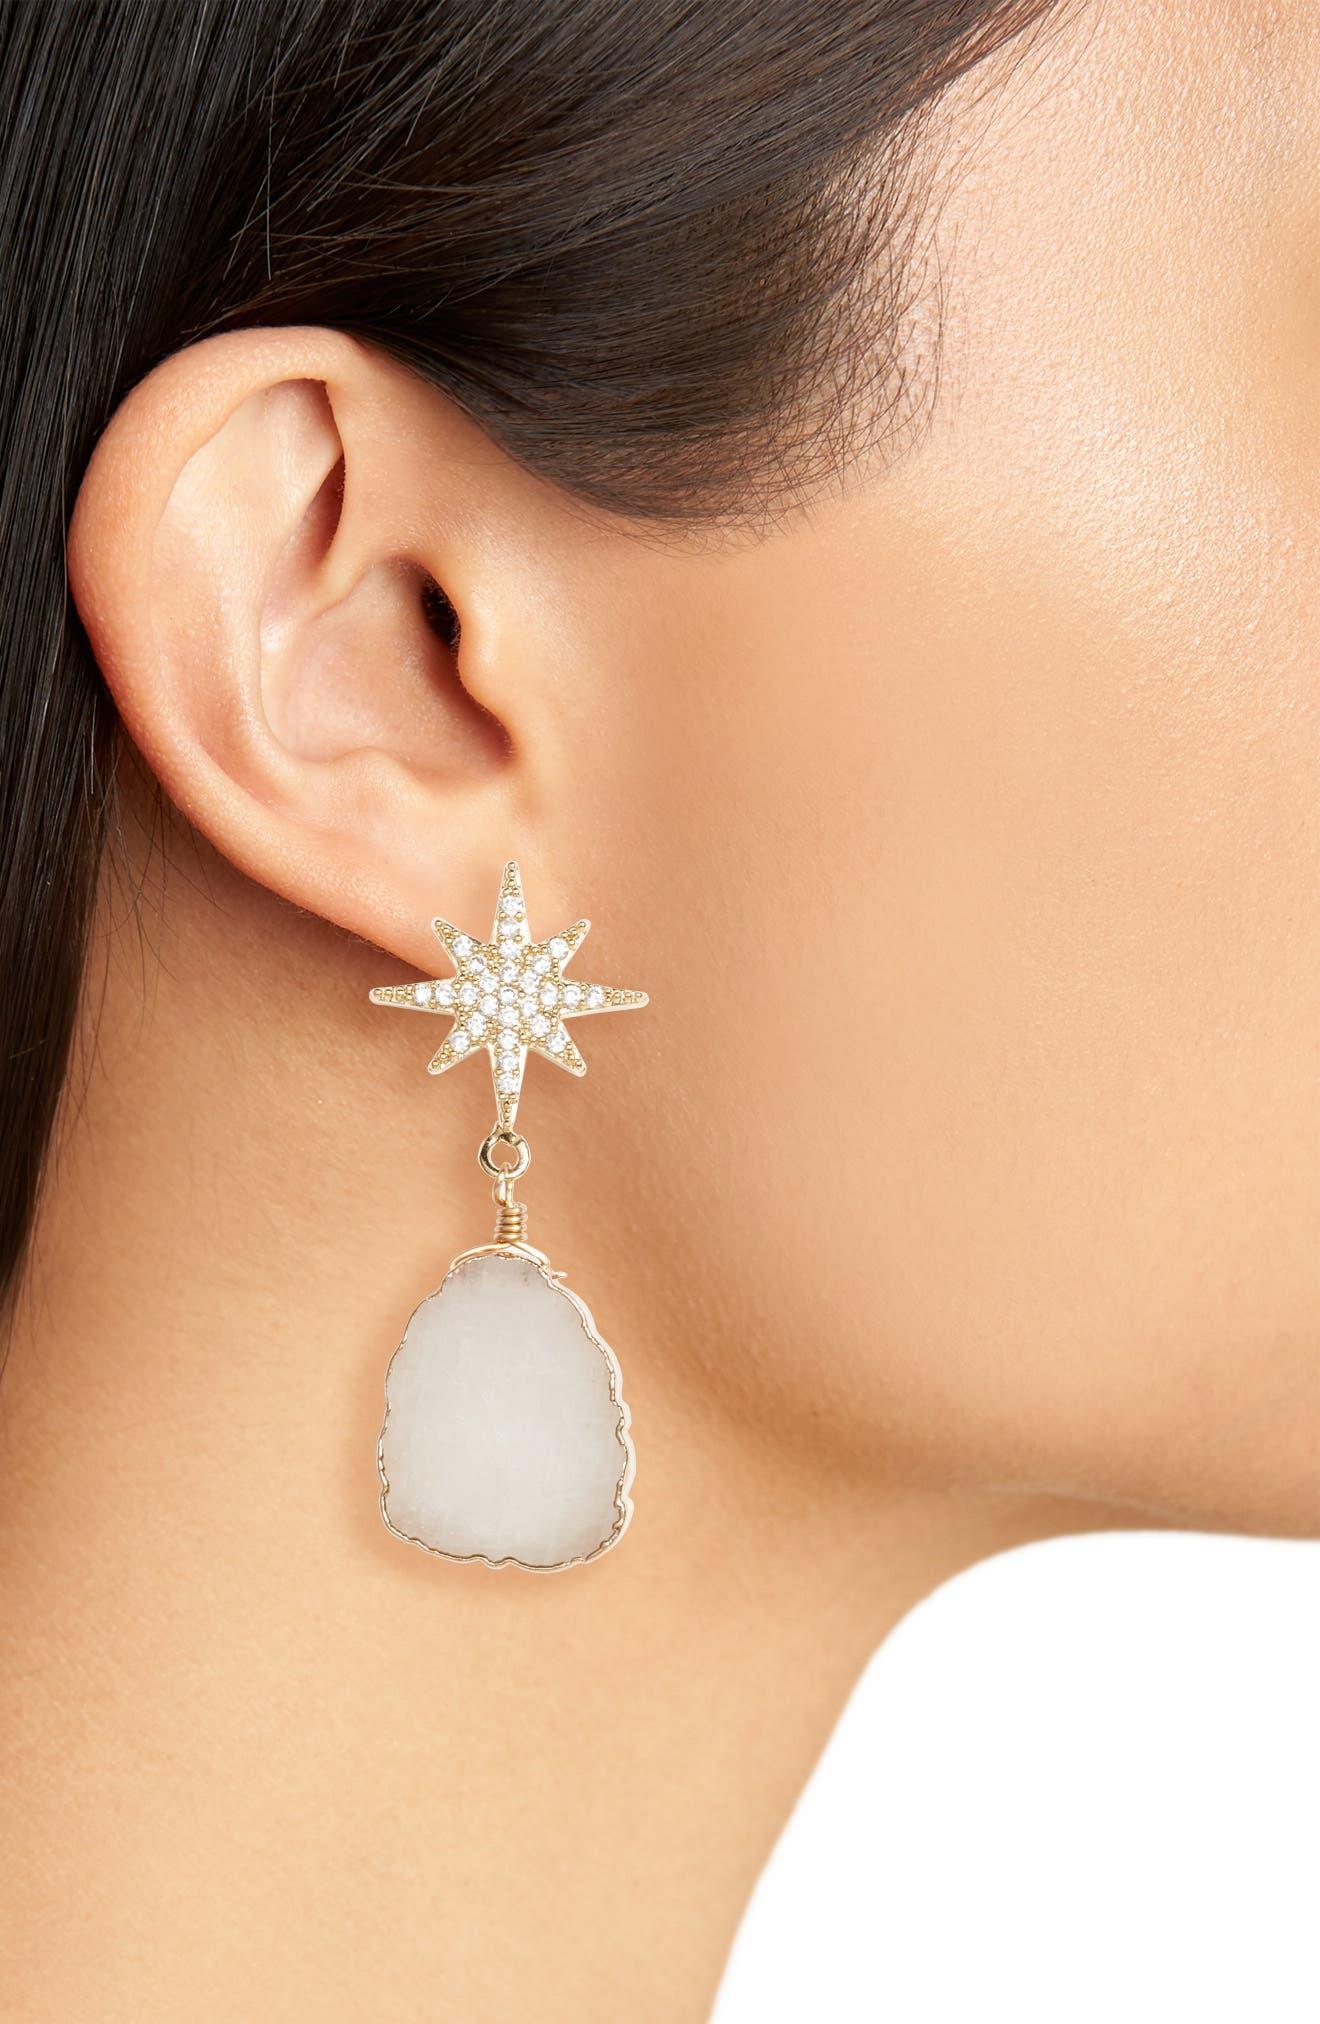 Starburst Slice Earrings,                             Alternate thumbnail 2, color,                             710